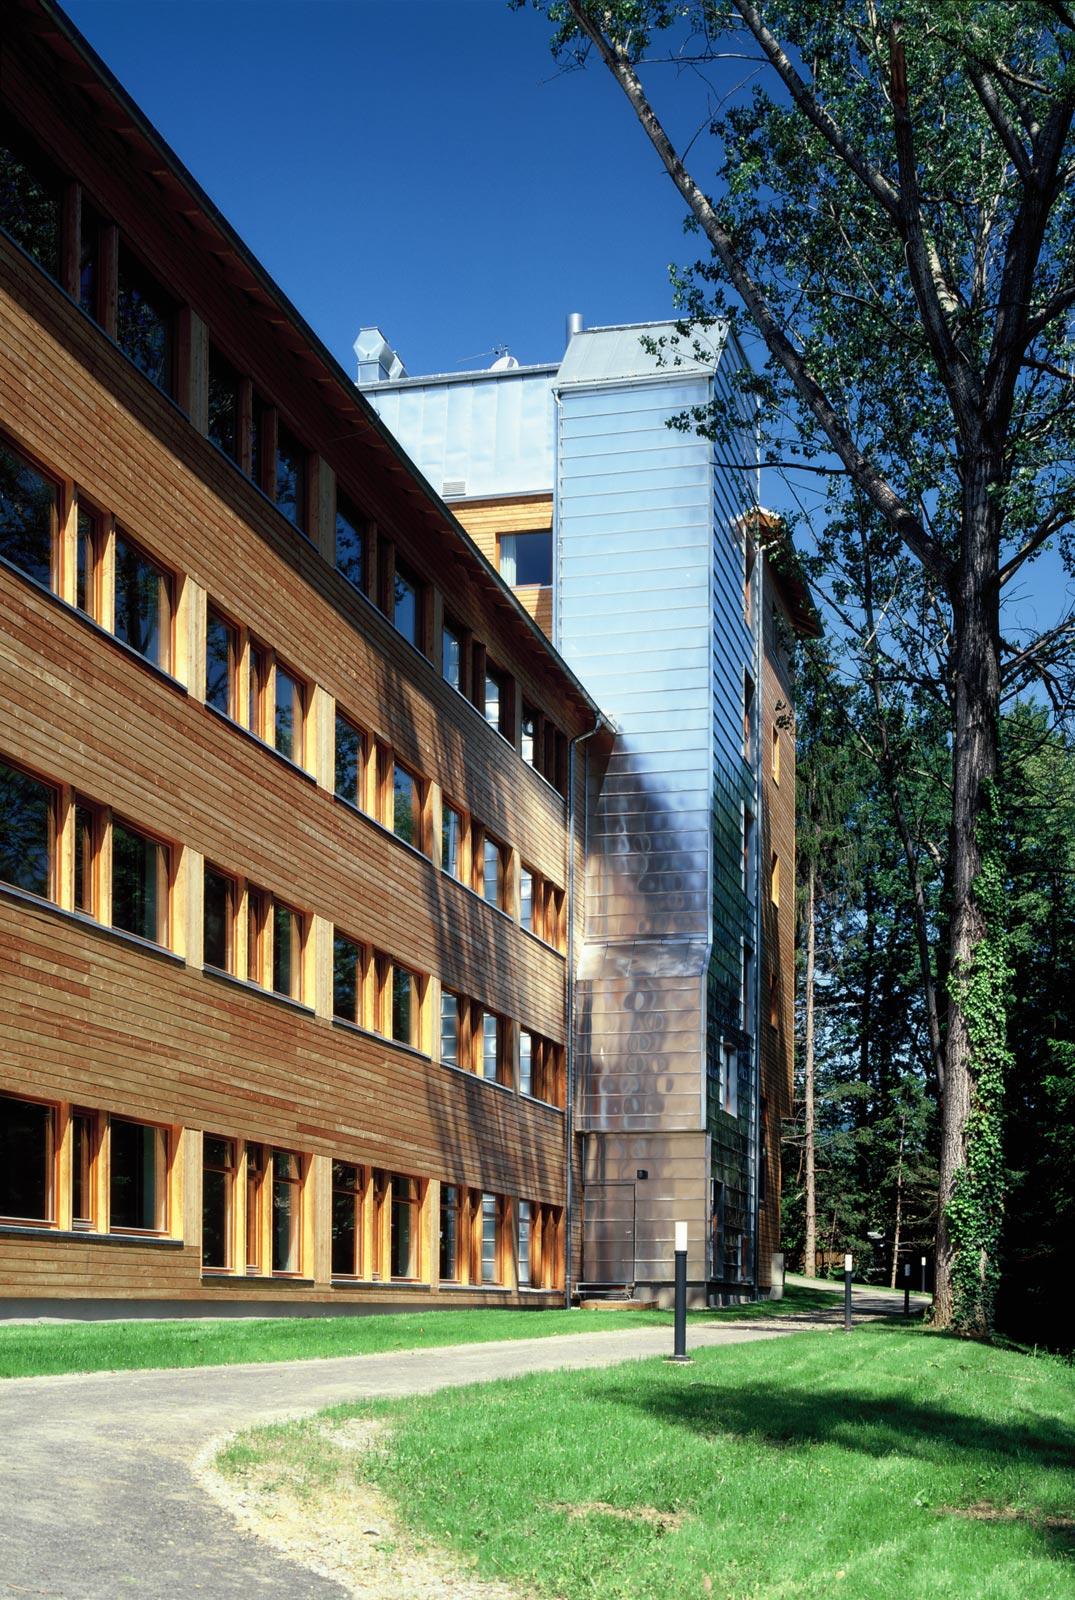 Möbel möbel design wettbewerb : Architekt Johannes Kastner-Lanjus |